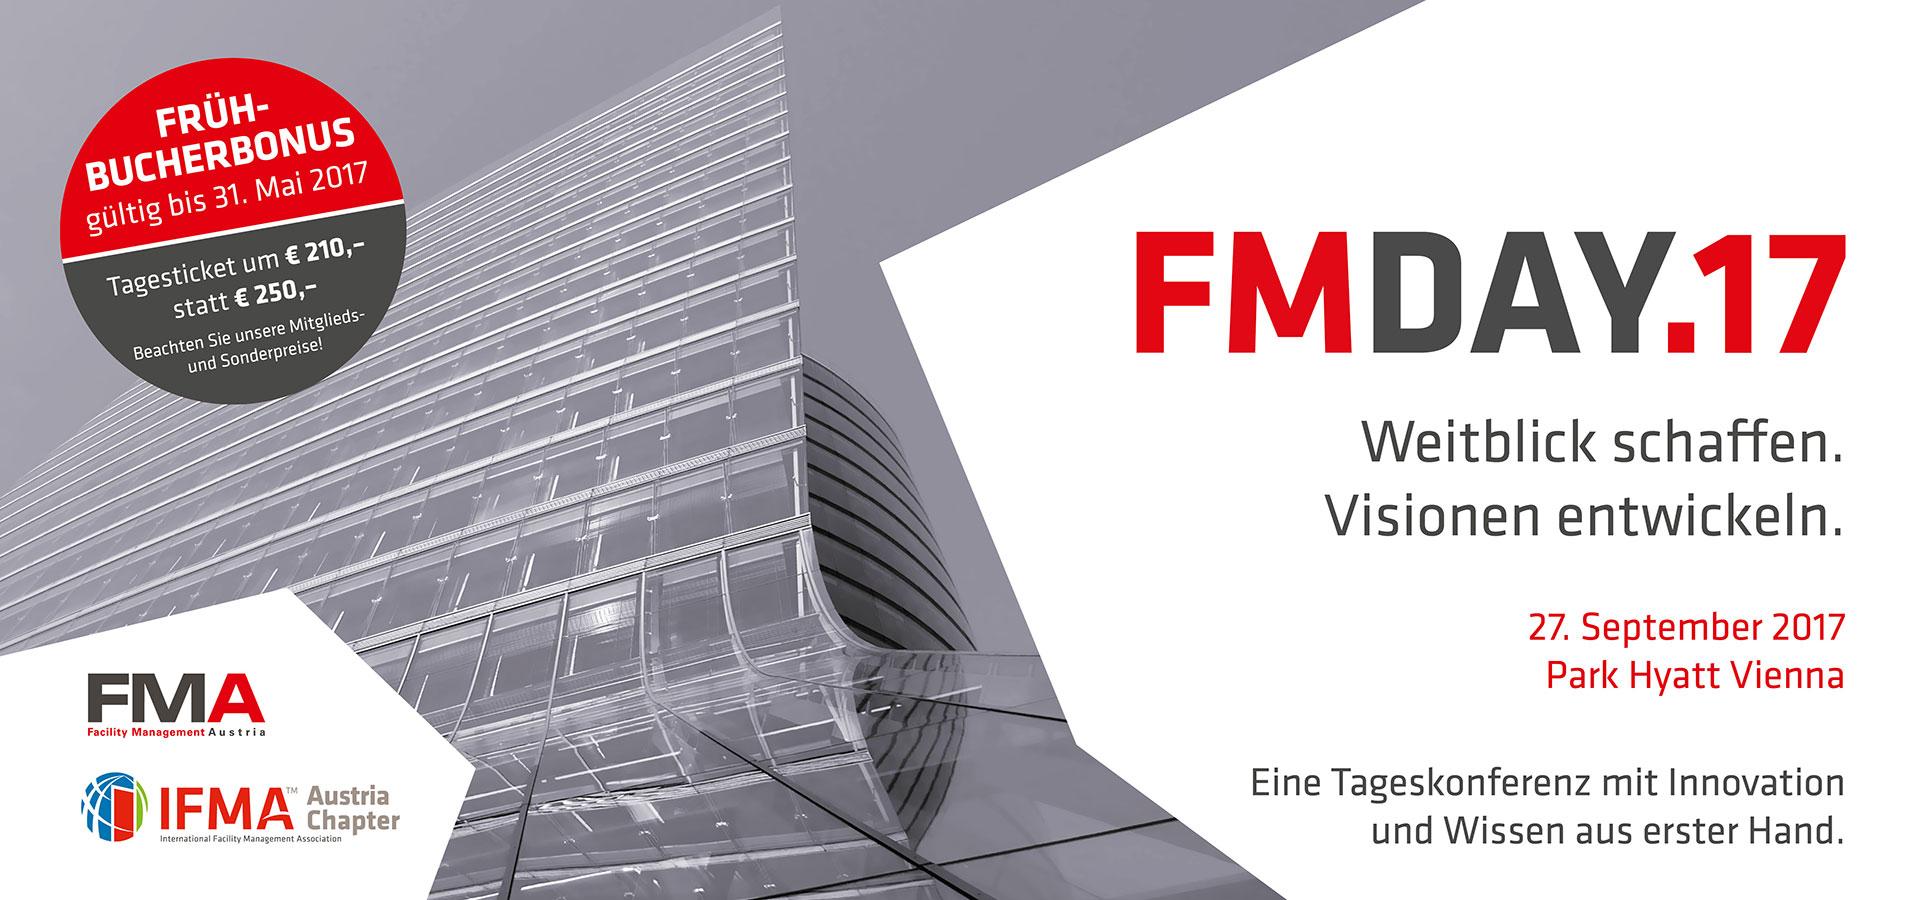 FM-Day 2017 Weitblick schaffen. Visionen entwickeln.. Save the Date 27. September 2017 Park Hyatt Vienna